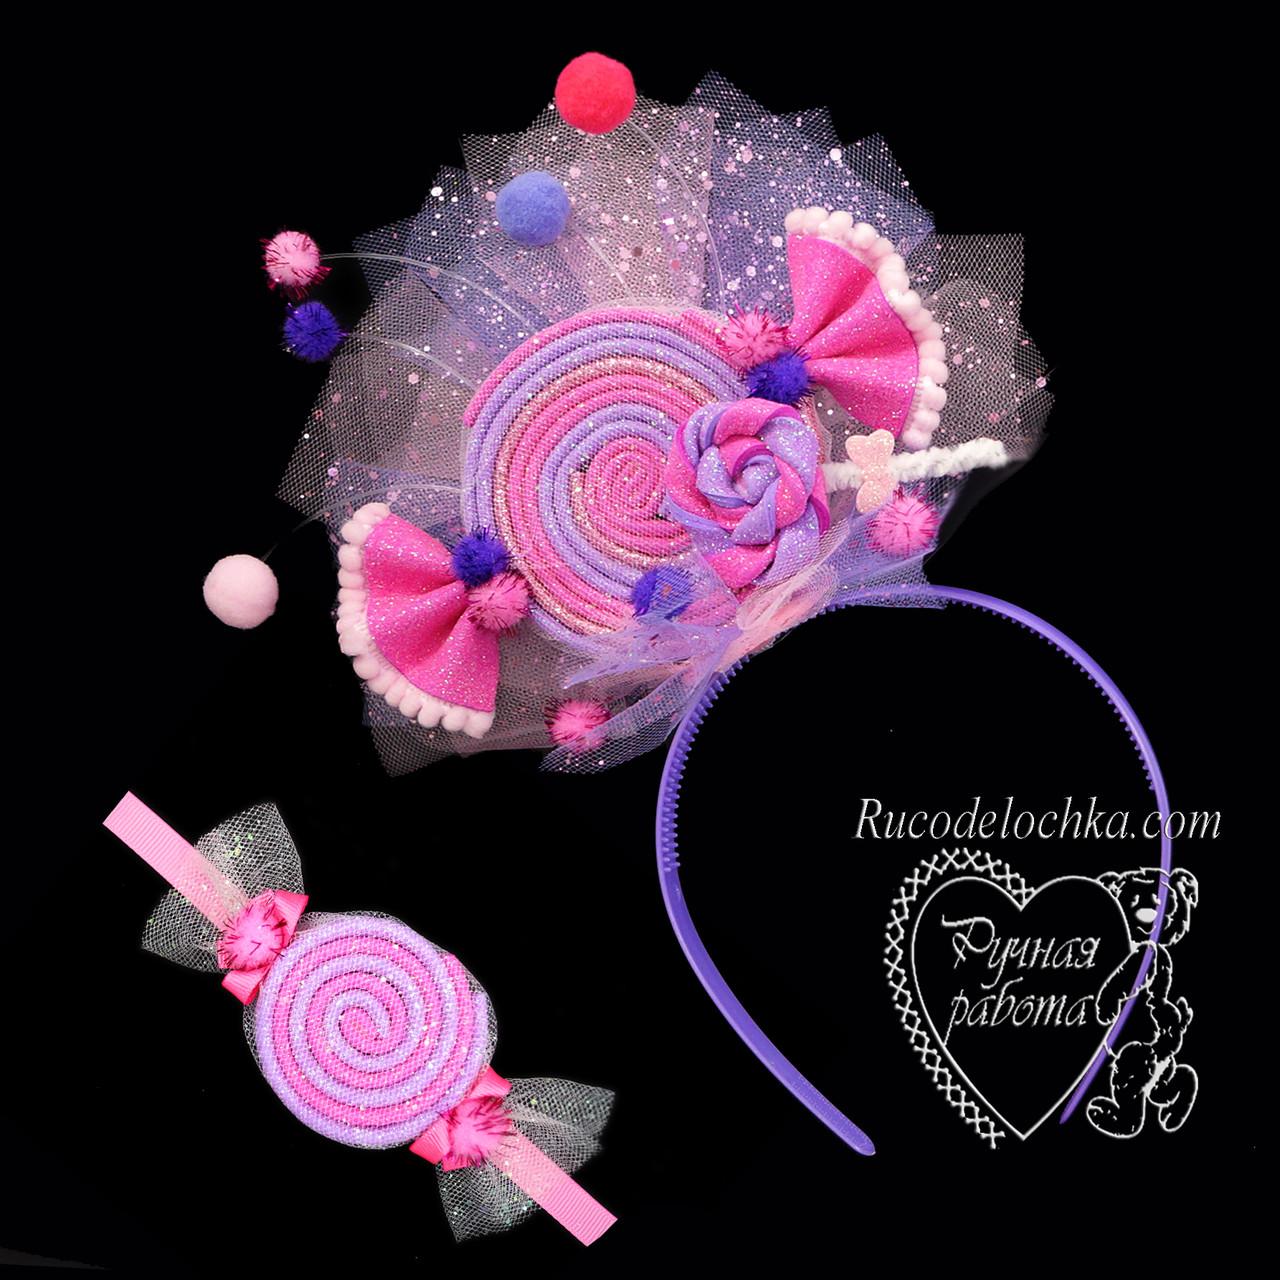 Набор ободок и браслет Конфетка леденец, розово-фиолетовая на утренник любой цвет